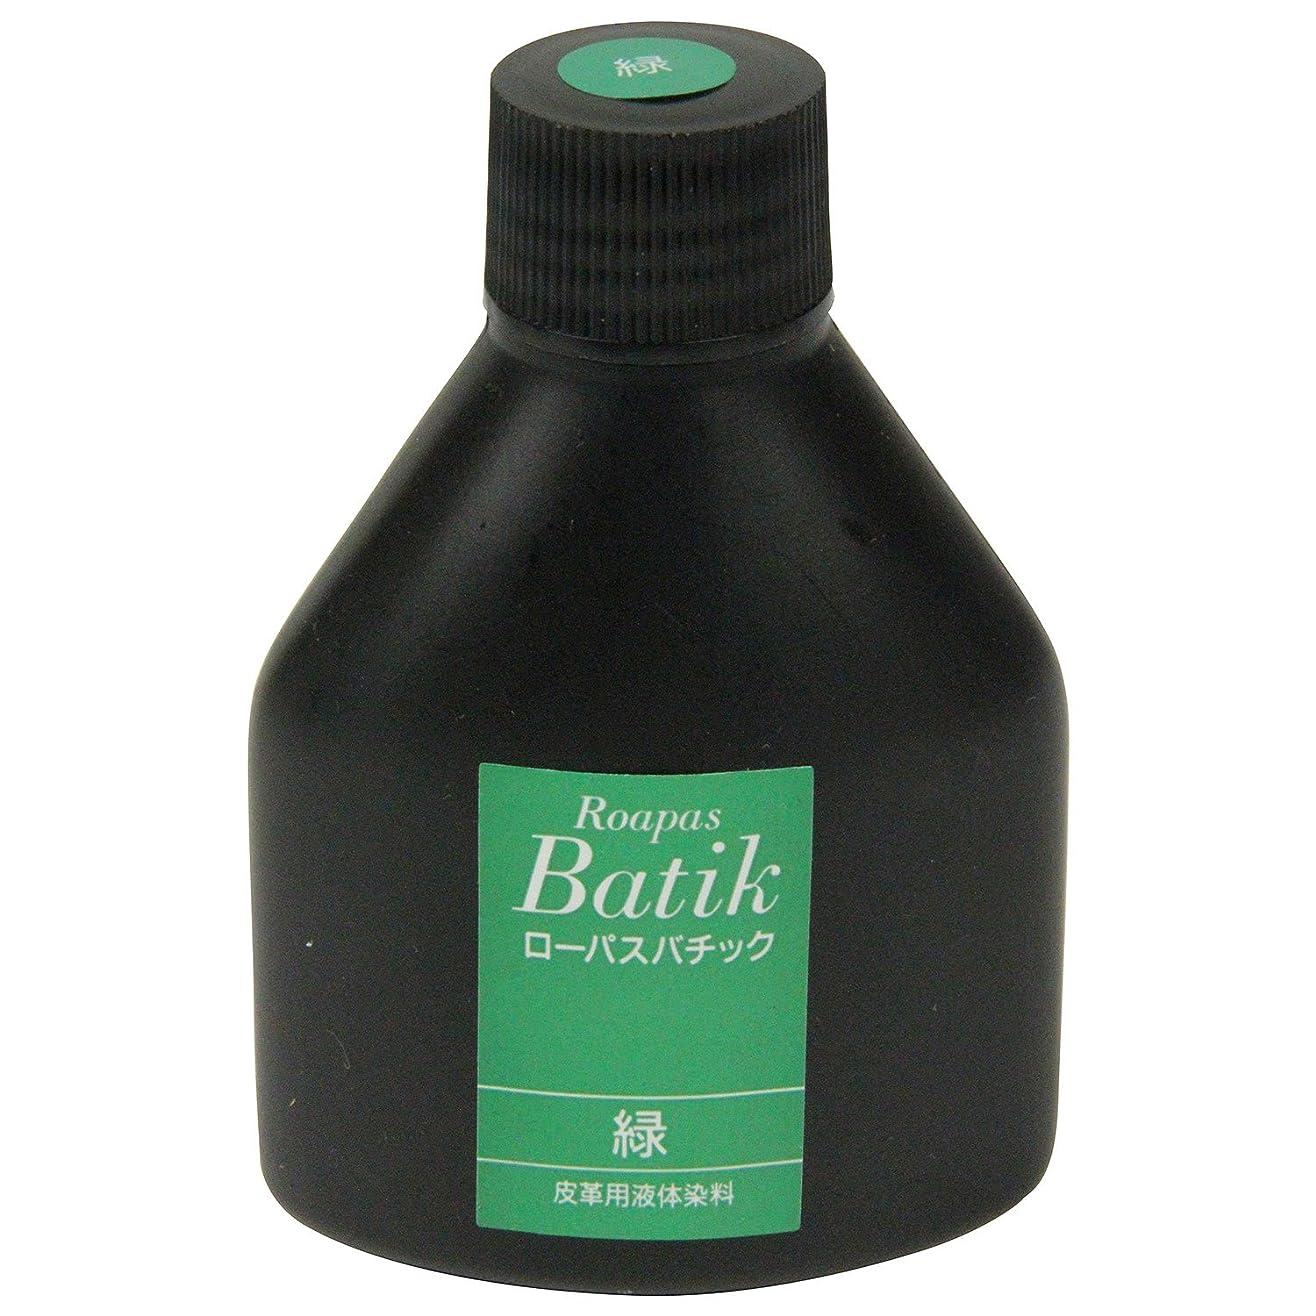 単語ポインタモジュールクラフト社 液体染料 アンティックダイ 100ml 黒 2021-11